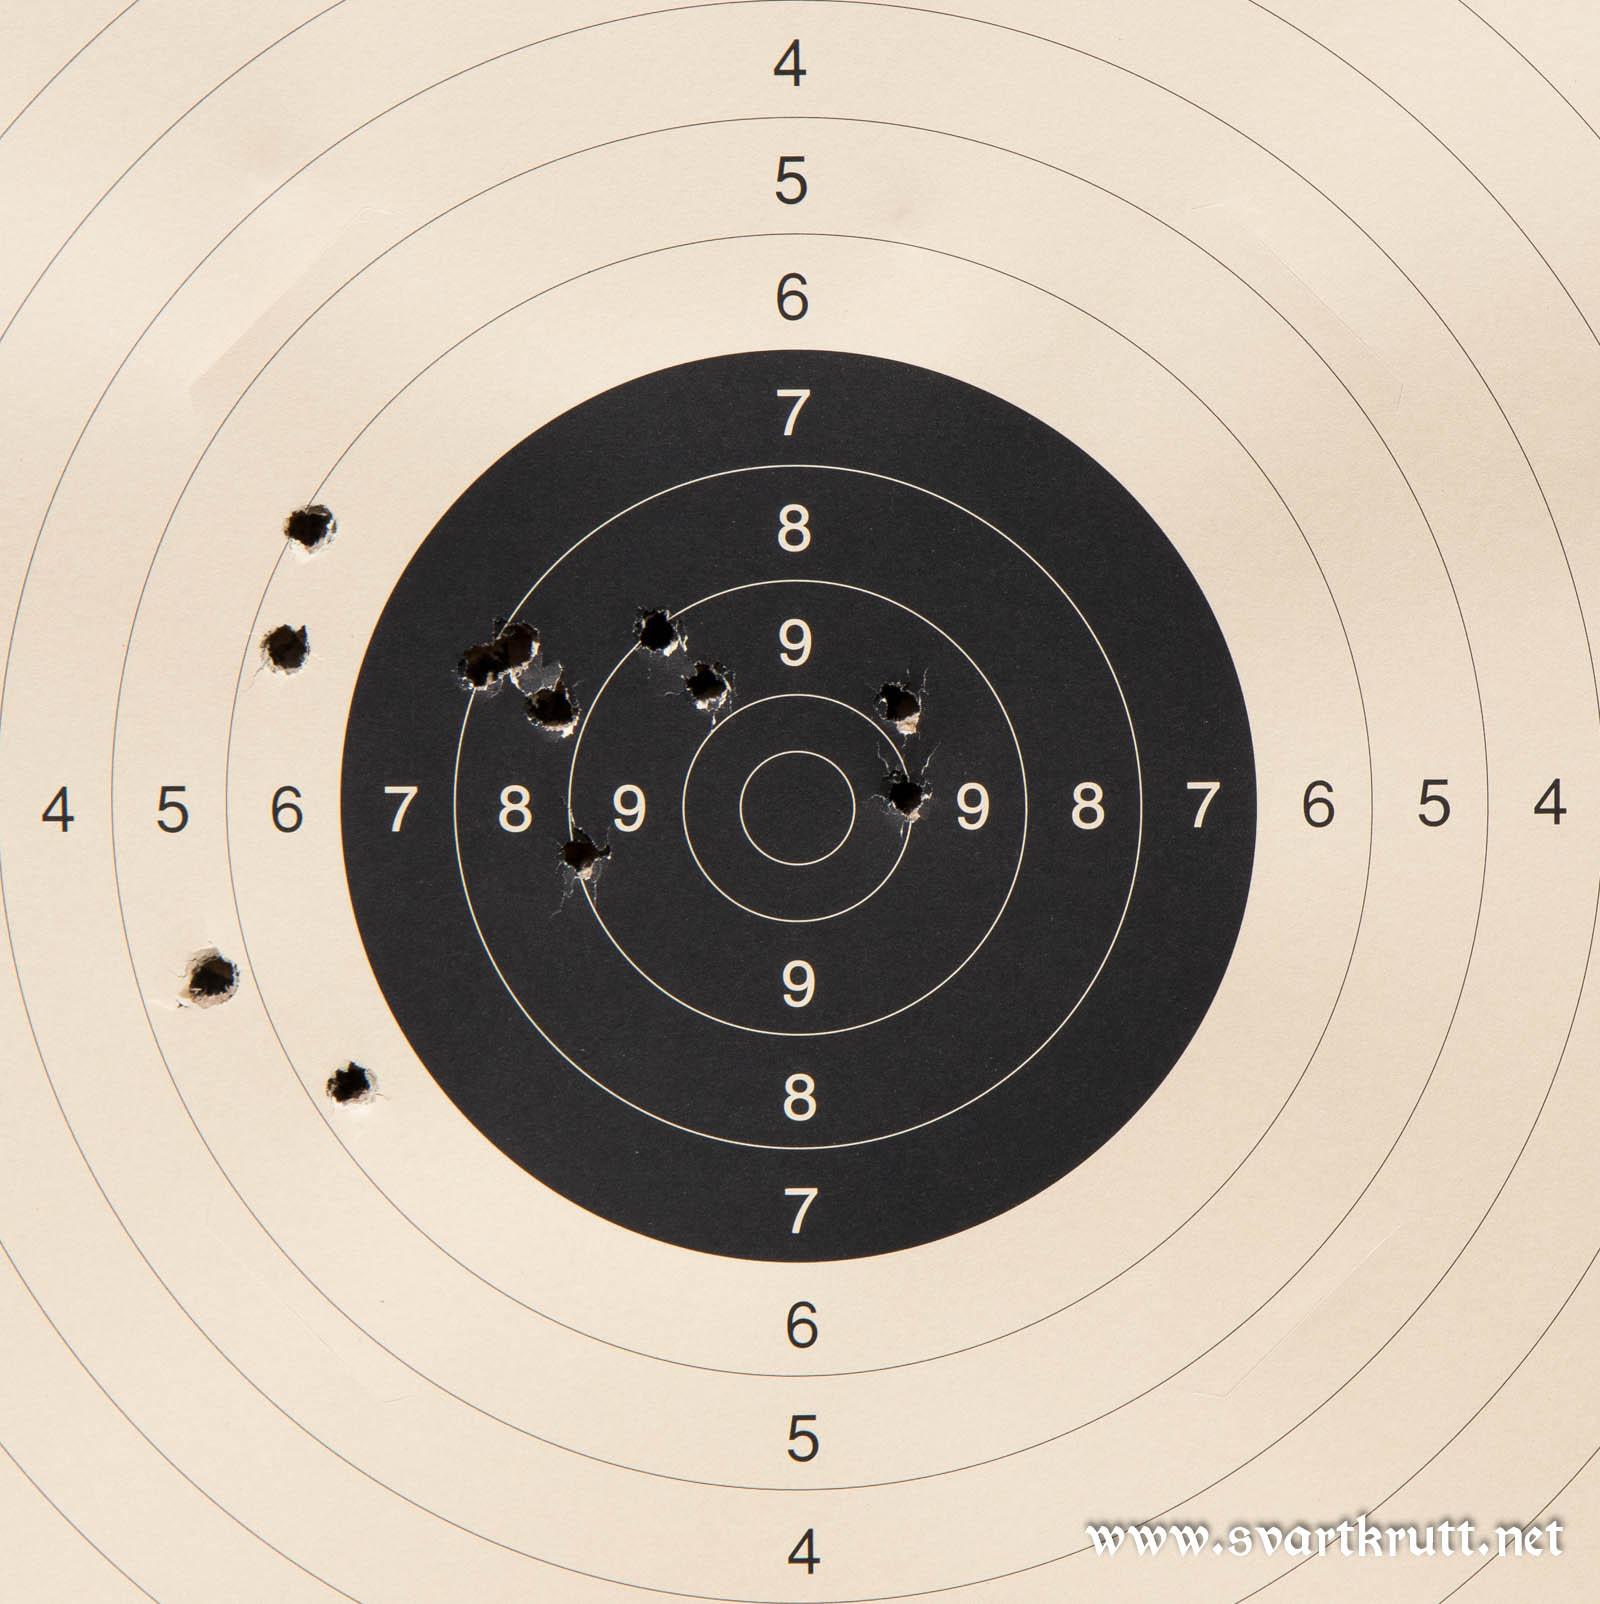 Shooting the 11mm Lefaucheux revolver - svartkrutt net